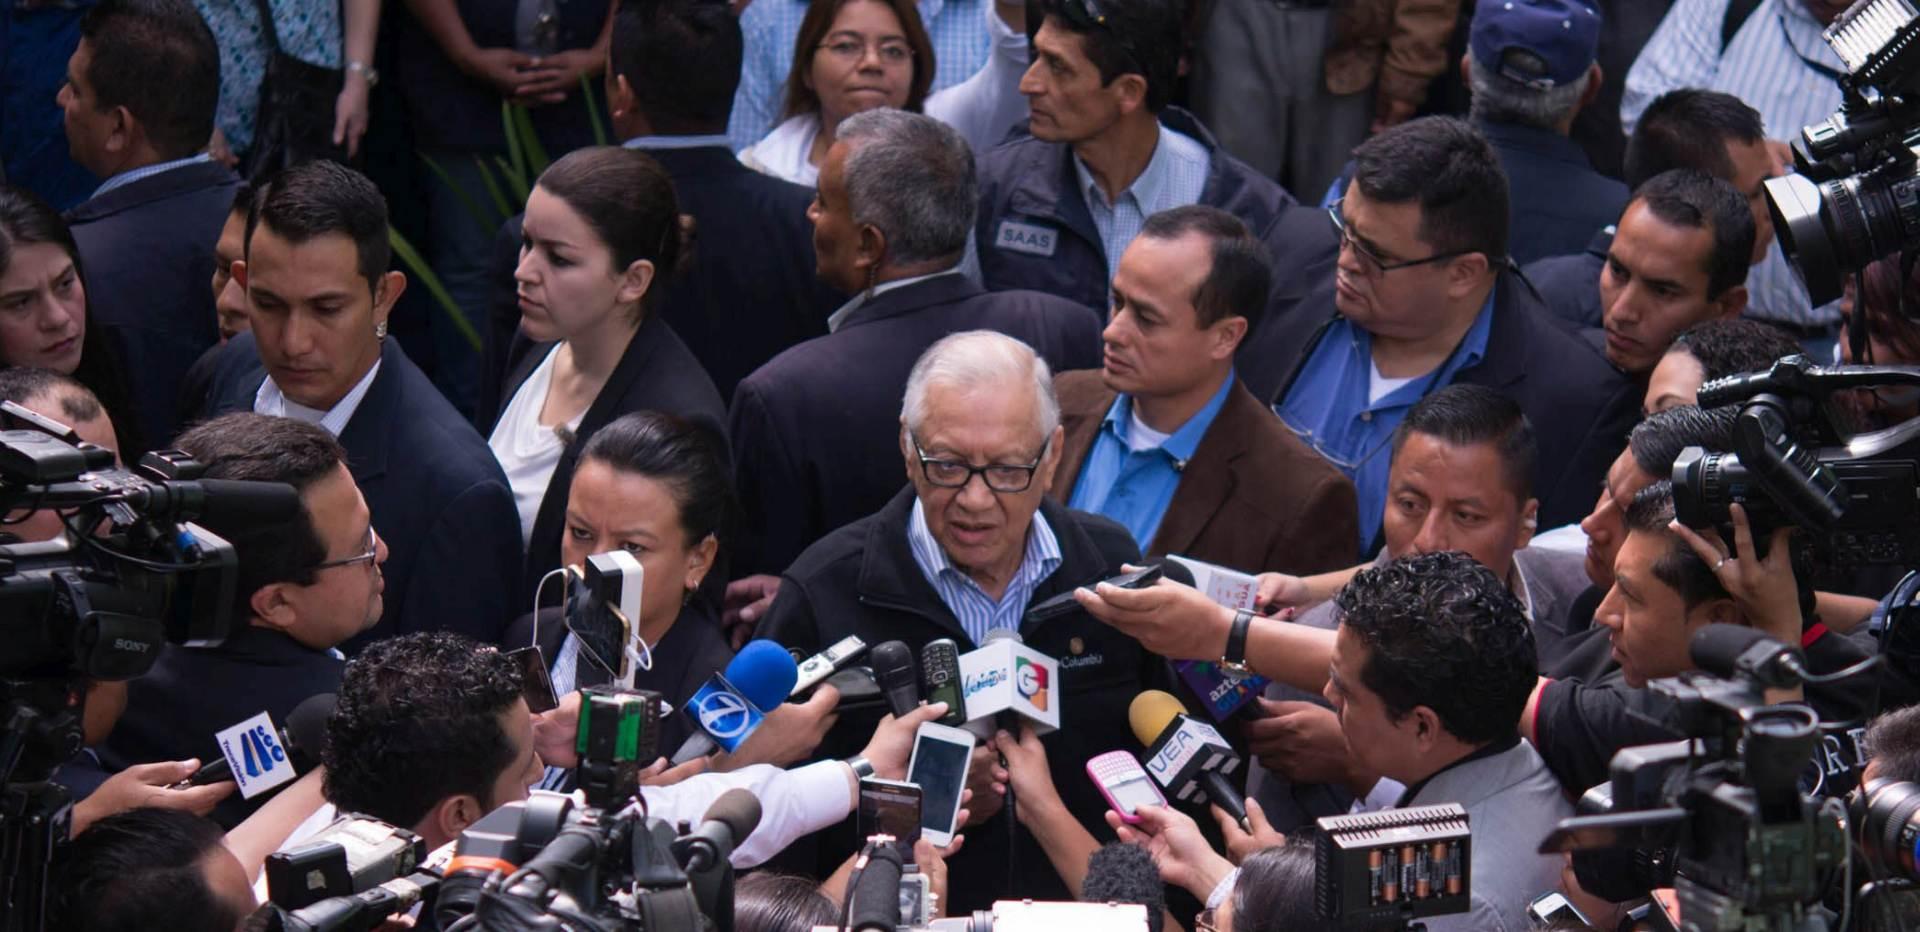 PREDSJEDNIK I KOMIČAR: Gvatemala polaže nadu u atipičnog kandidata